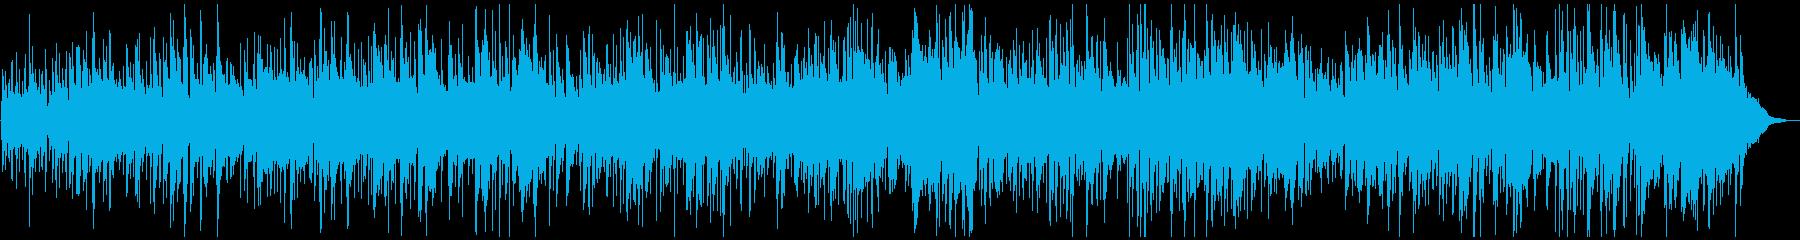 軽快なビー・パップ調JAZZのBGMの再生済みの波形